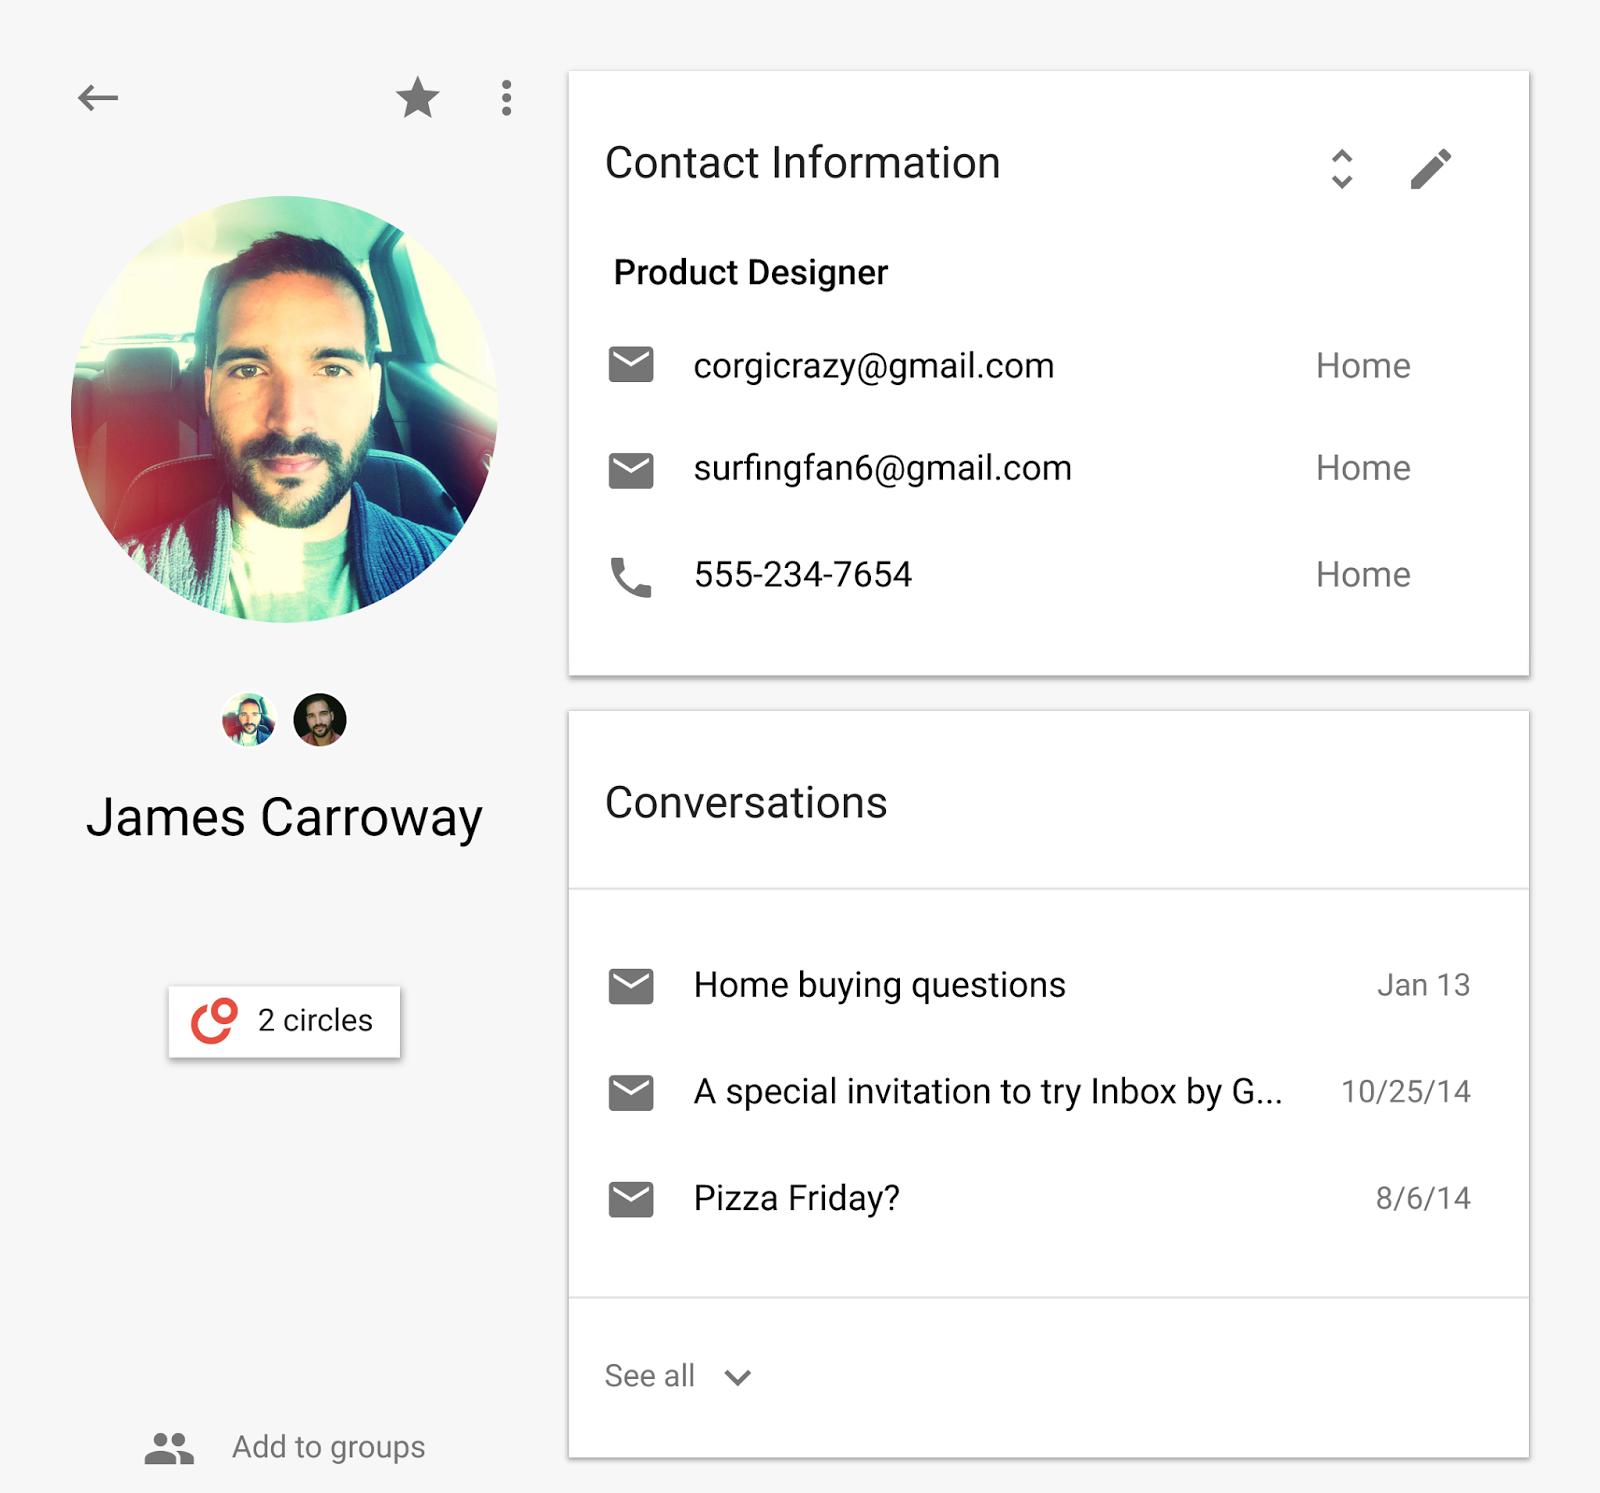 V dolní části obrazovky vidíme poslední emailové konverzace s uživatelem